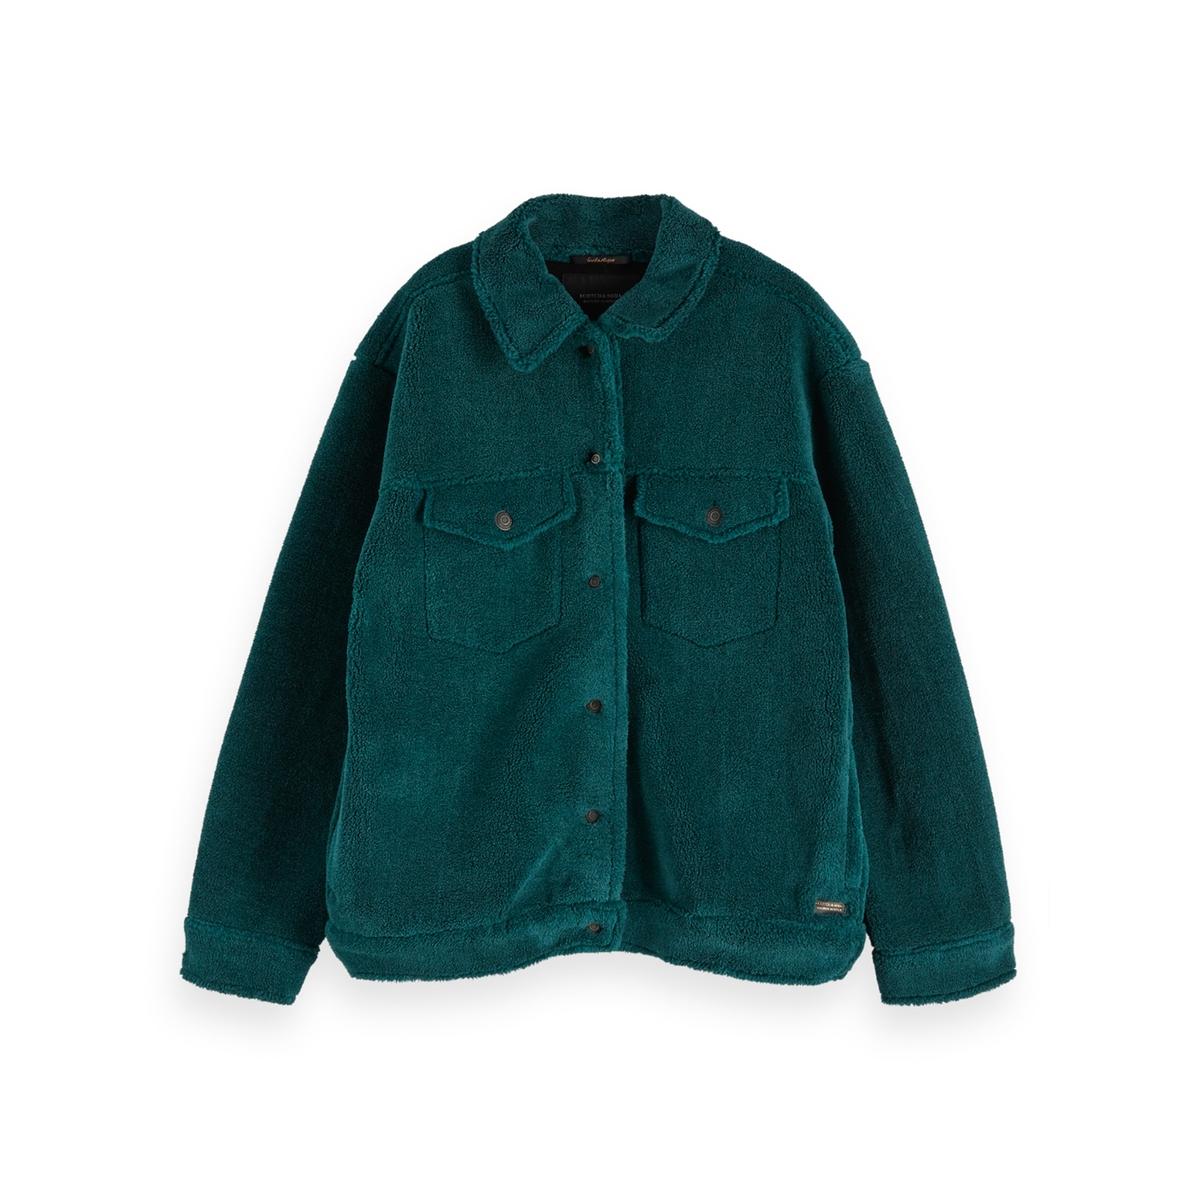 Пальто La Redoute Средней длины с застежкой на пуговицы S зеленый